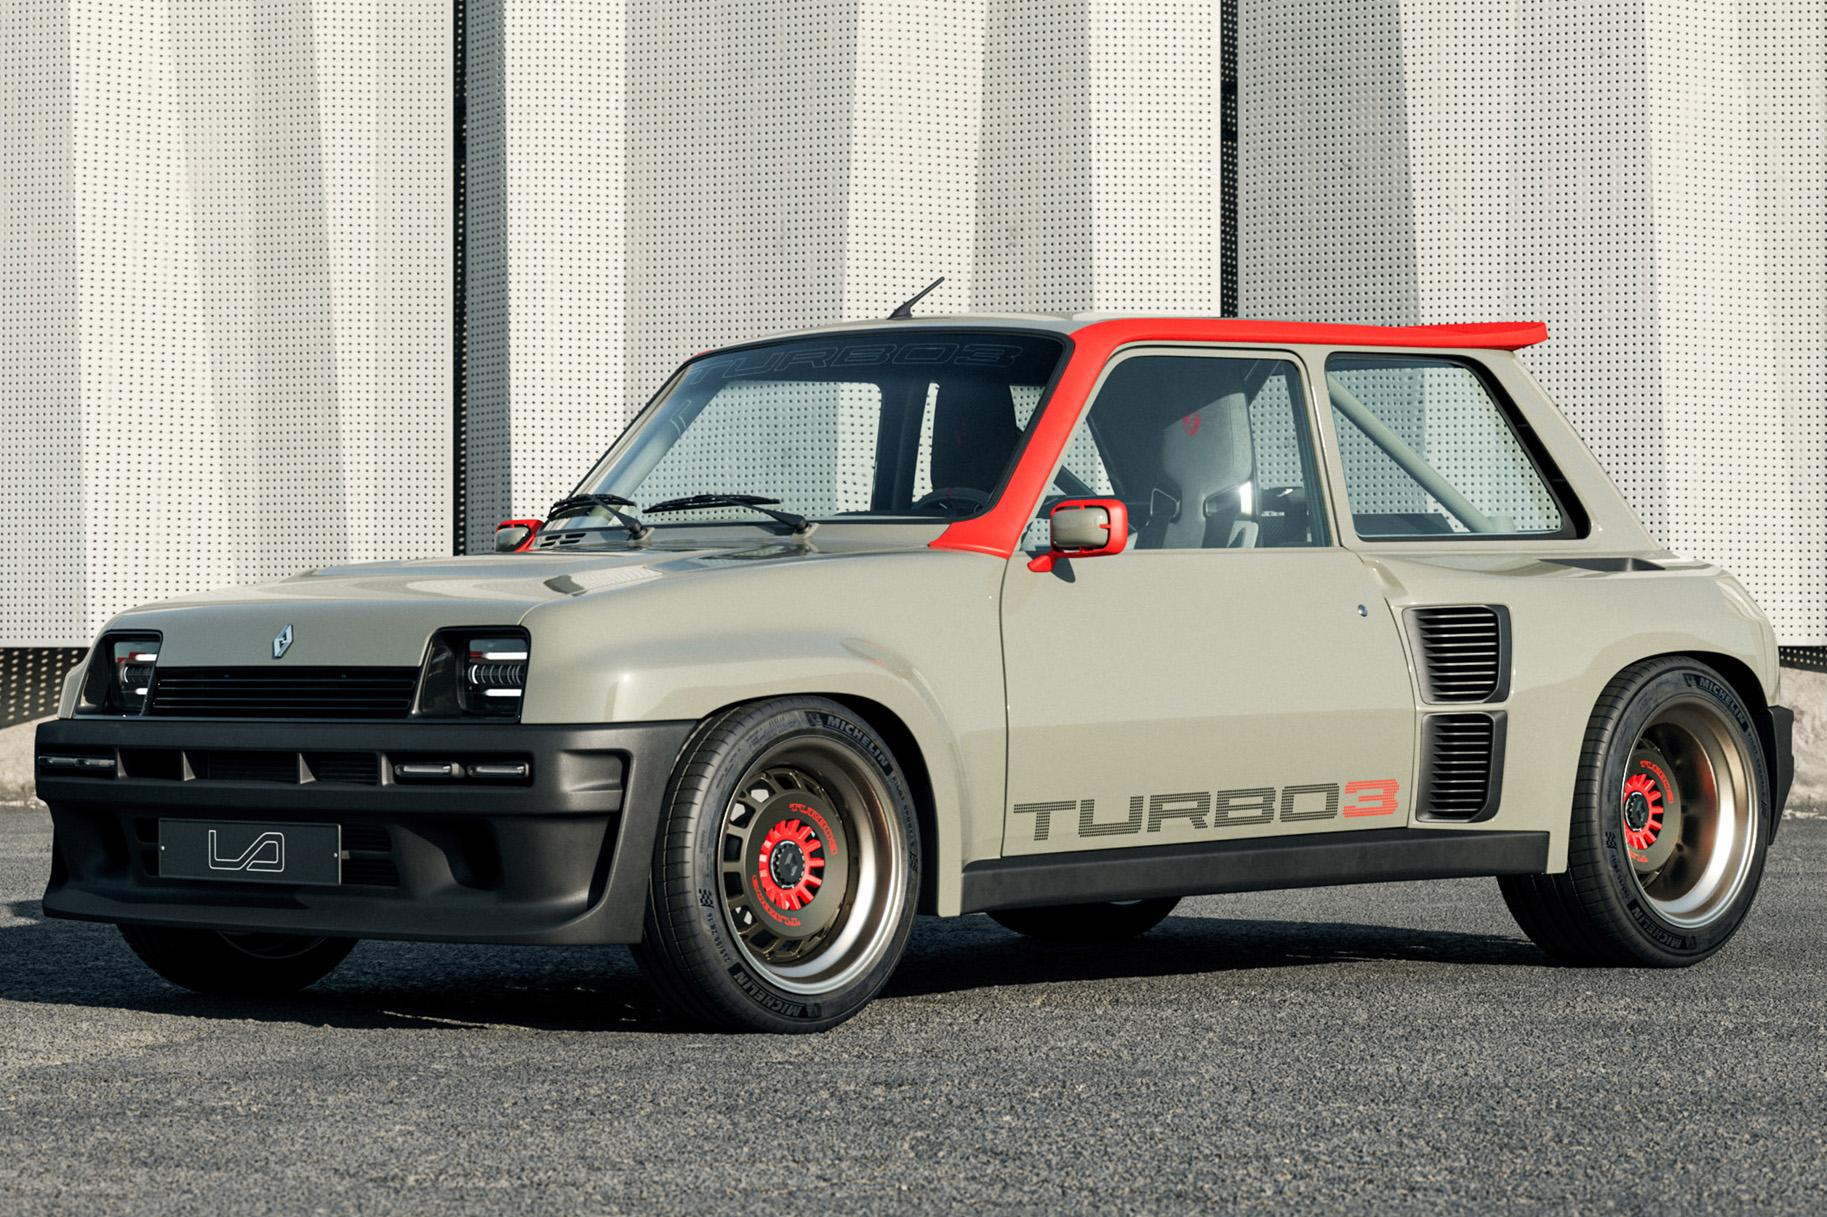 Renault 5 Turbo 3 cinza e laranja visto 3/4 de frente